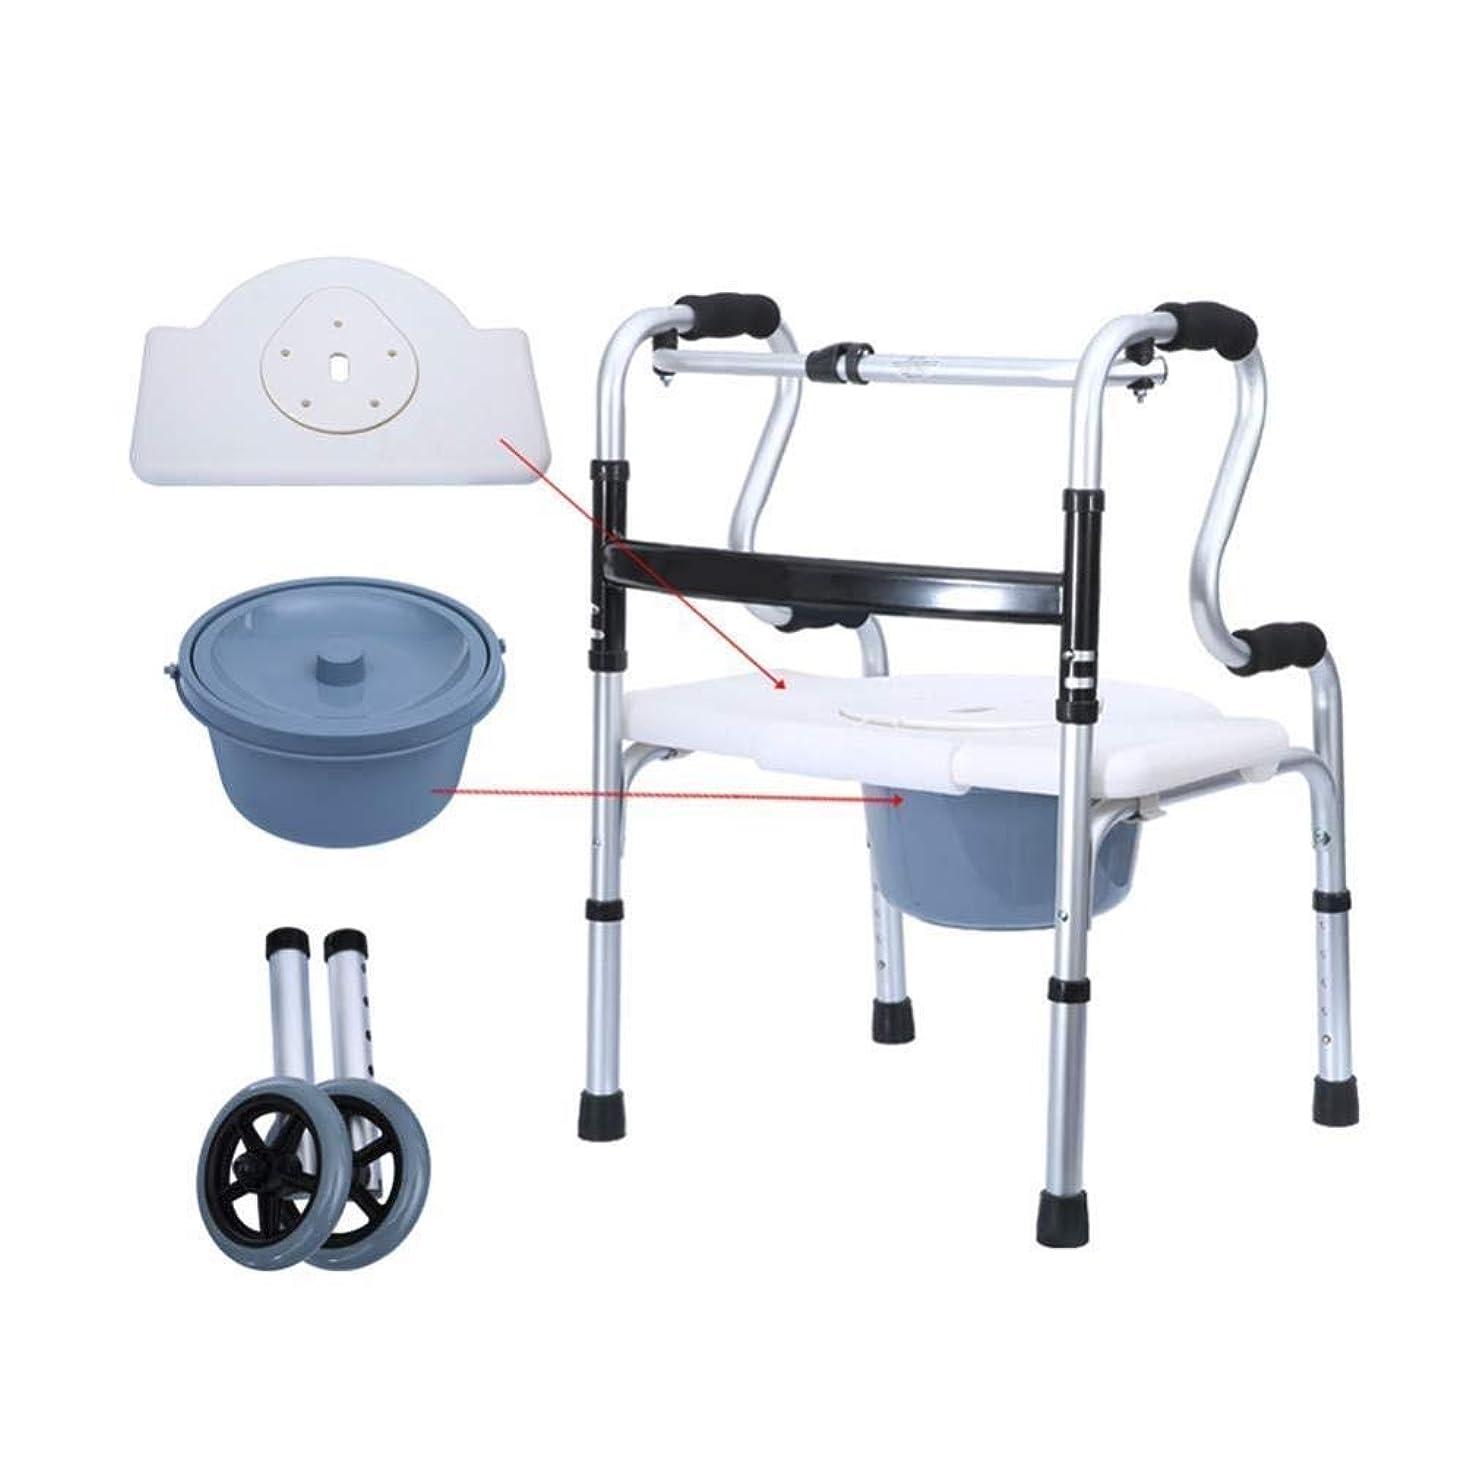 アレルギー性研究行折りたたみ式軽量アルミニウム合金歩行障害者老人用松葉杖歩行補助椅子